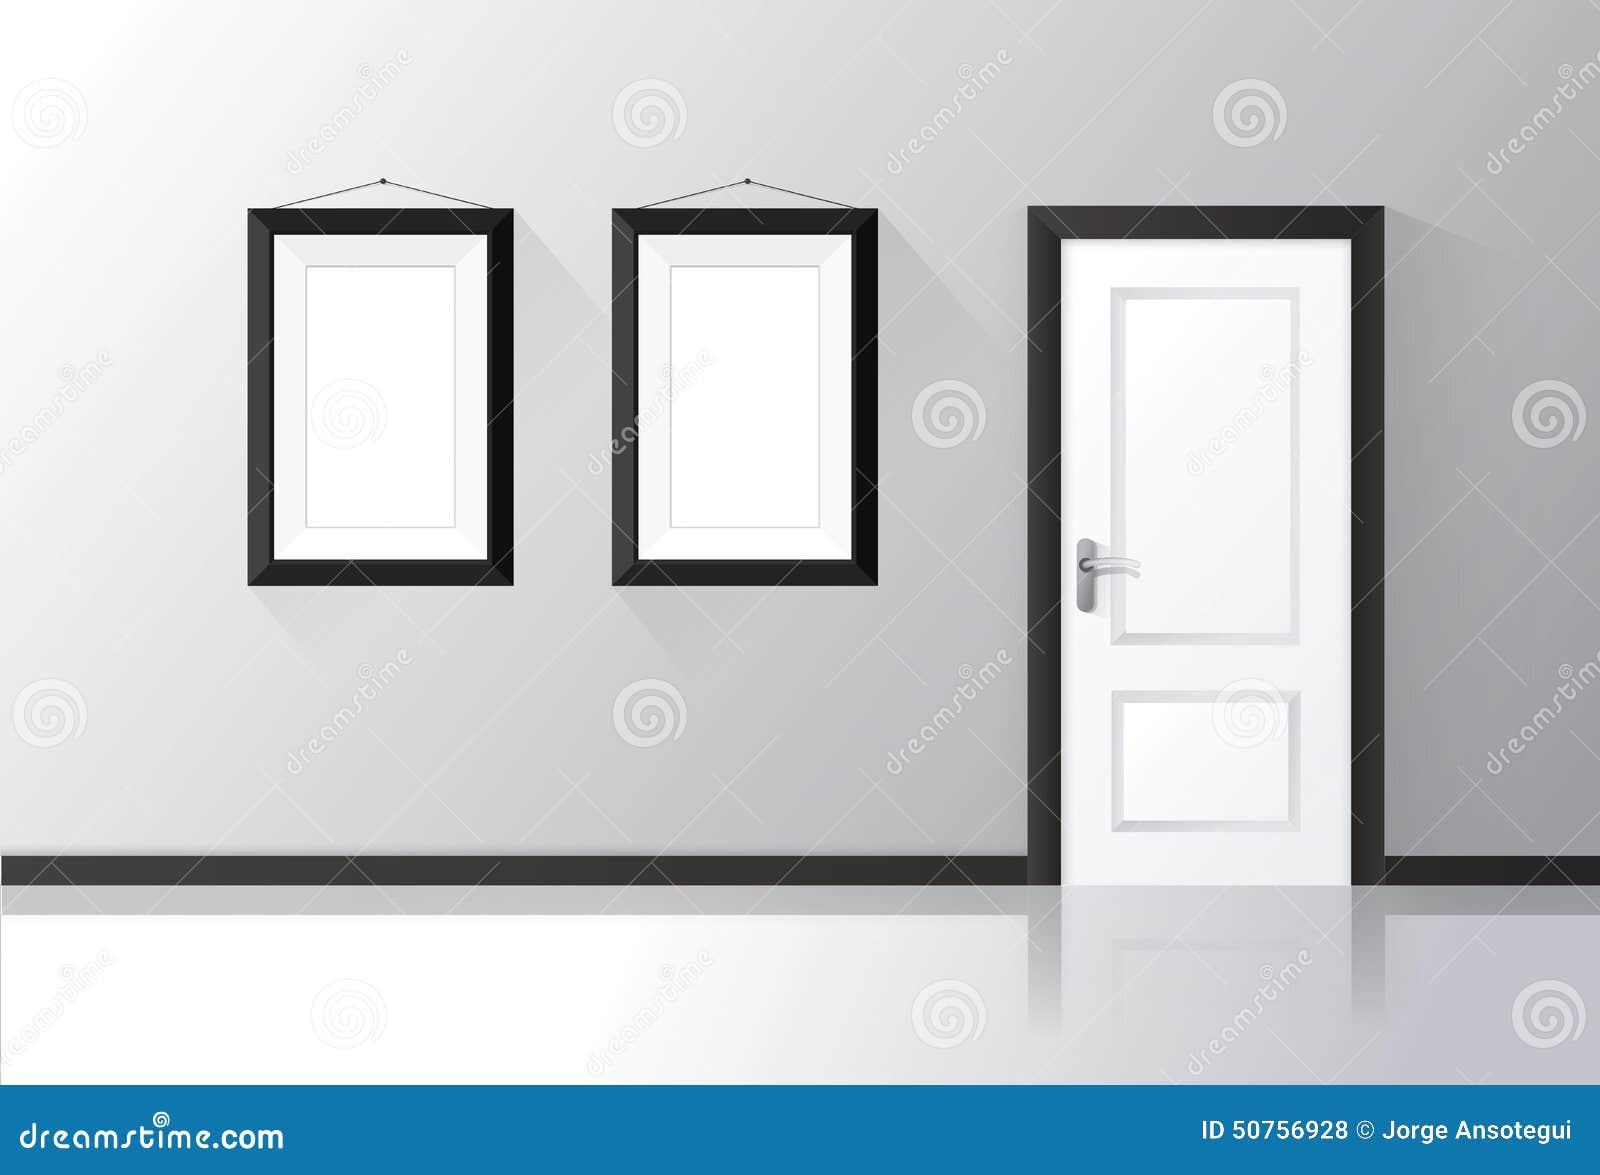 la porte blanche s 39 est ferm e sur un mur gris avec les cadres et le plancher r fl chi. Black Bedroom Furniture Sets. Home Design Ideas